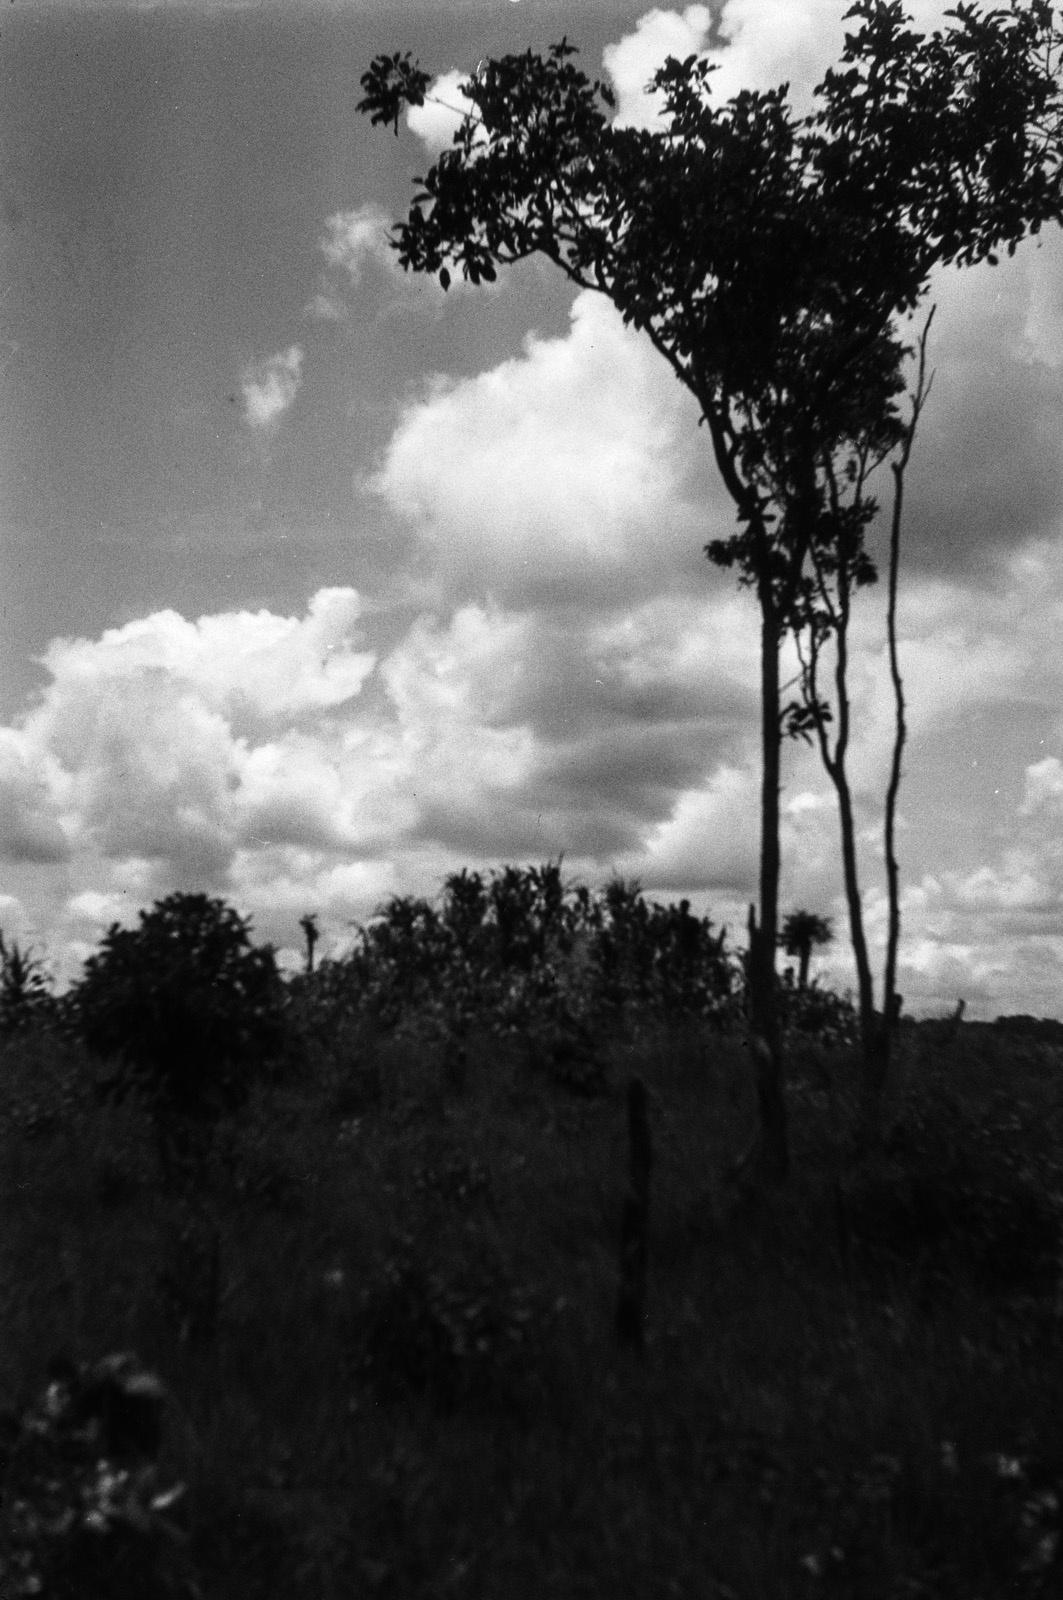 Между Капири Мпоши и рекой Лунсемфва. Заросший термитовый курган на краю поляны.